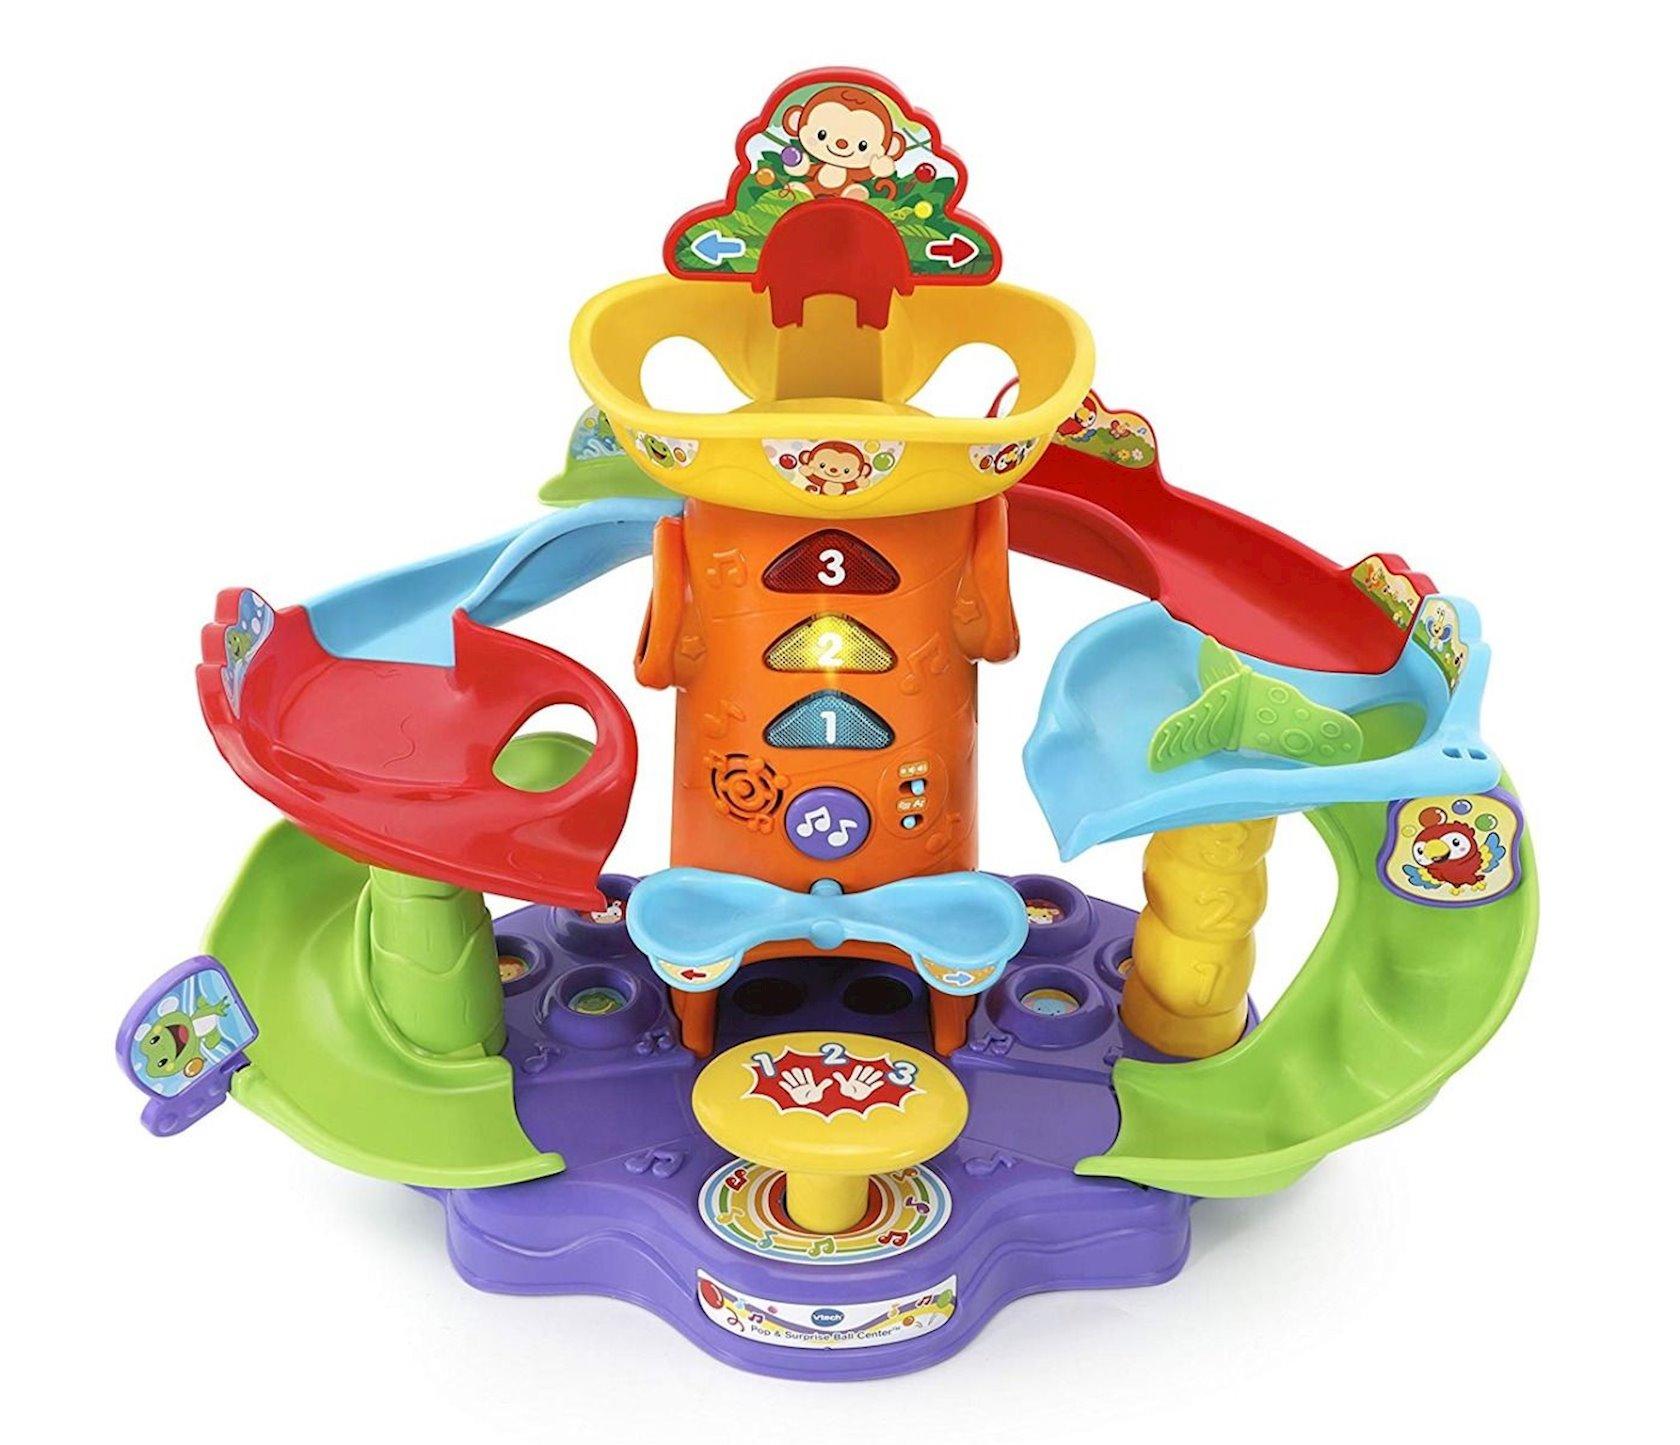 İnkişafedirici oyuncaq Vtech Pop-A-Ball Pop & Play Tower